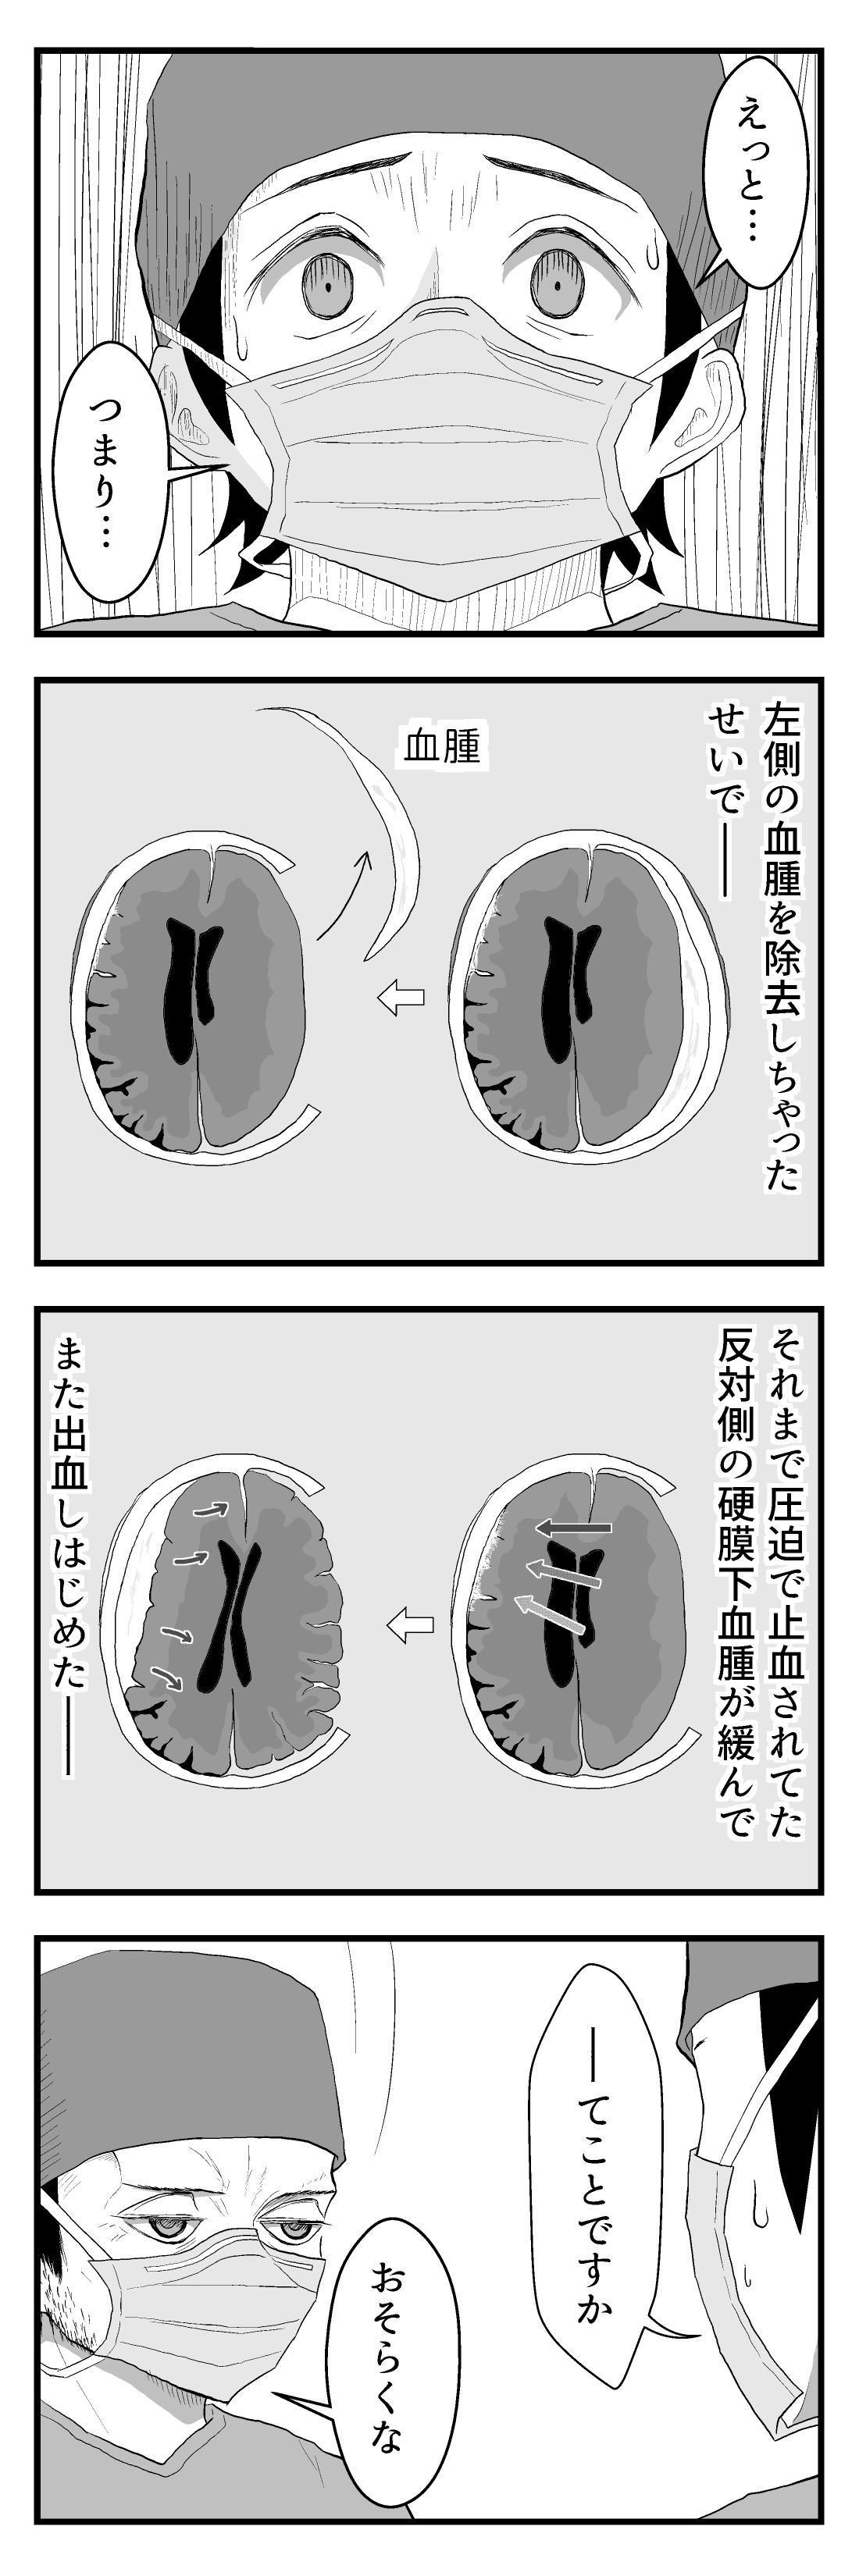 4panel100-1急性硬膜下血腫17-3